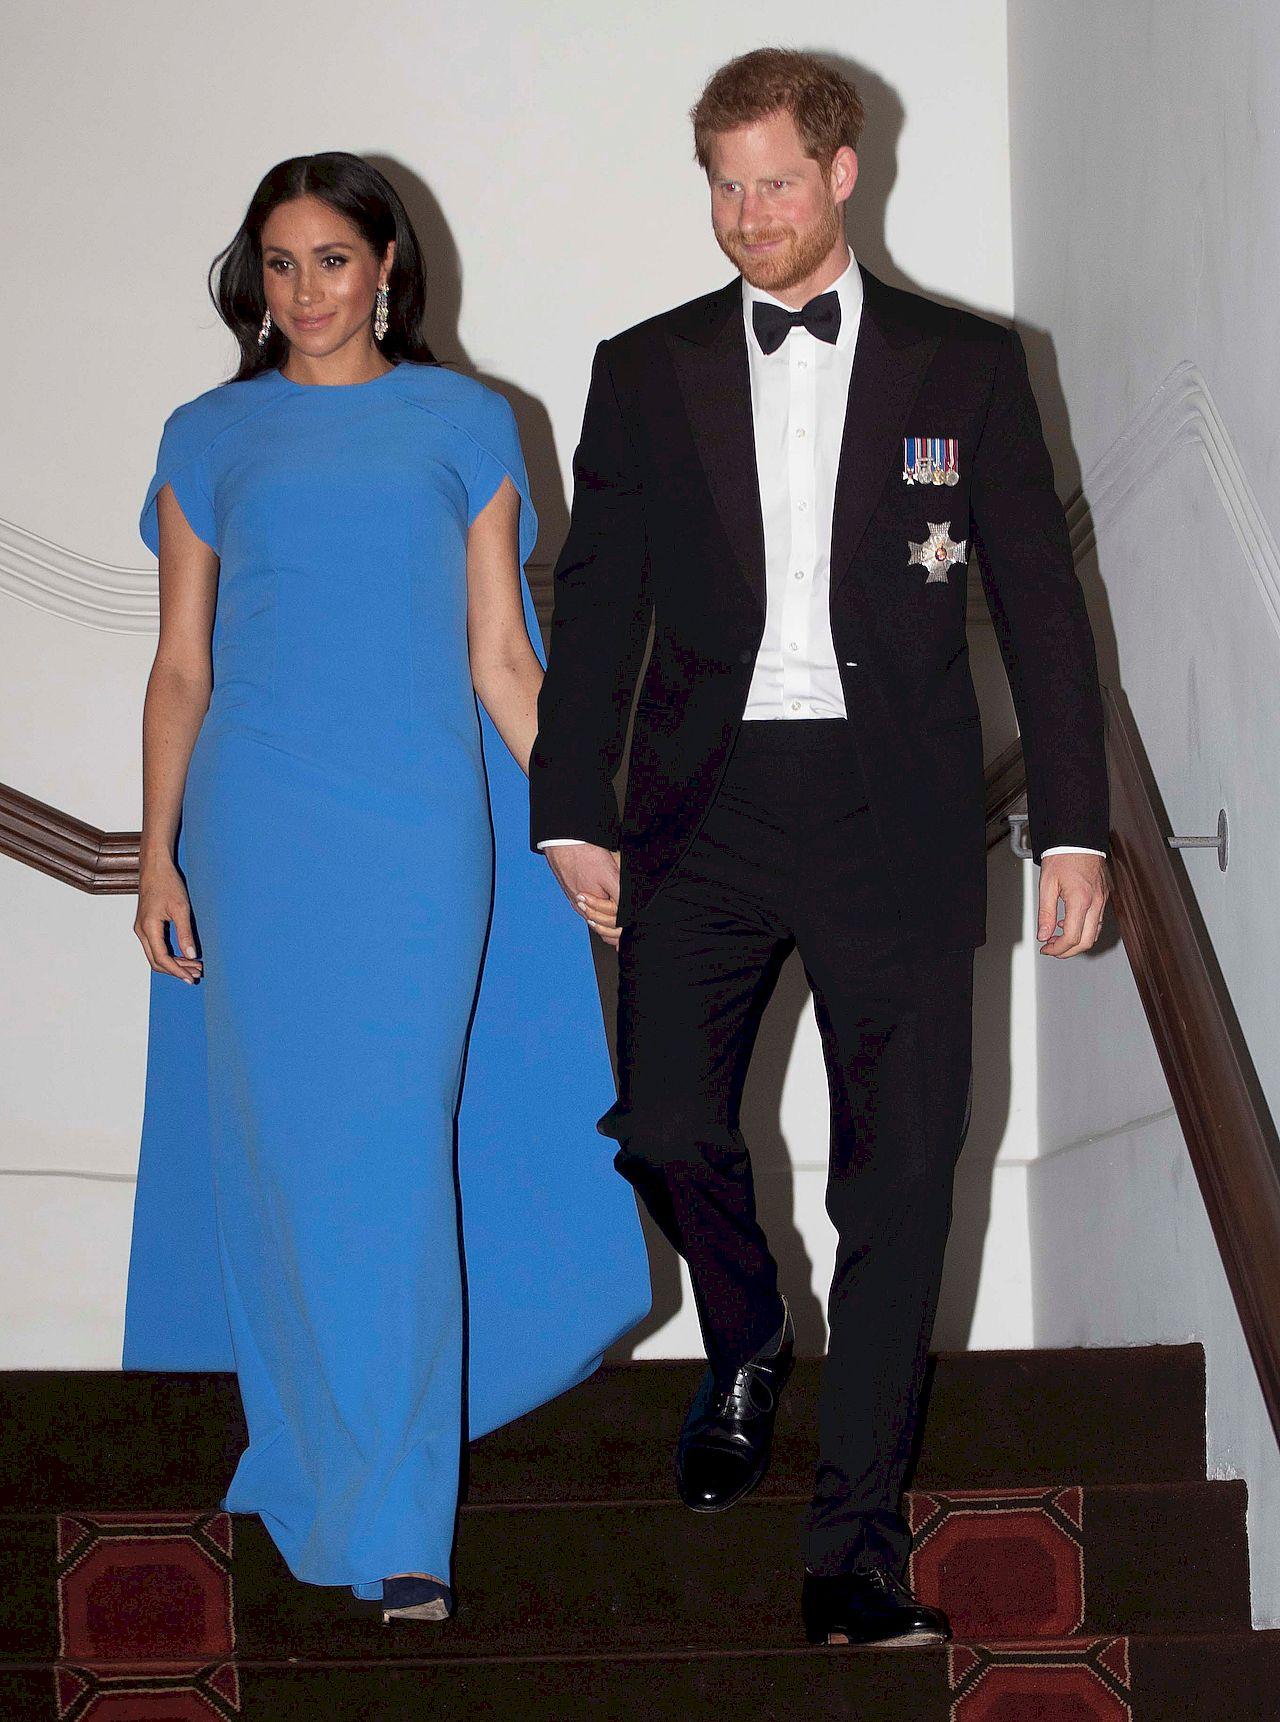 Meghan Markle i książę Harry w 2018 roku wzięli udział w przyjęciu u prezydenta Fidżi, Jiojia Konrote